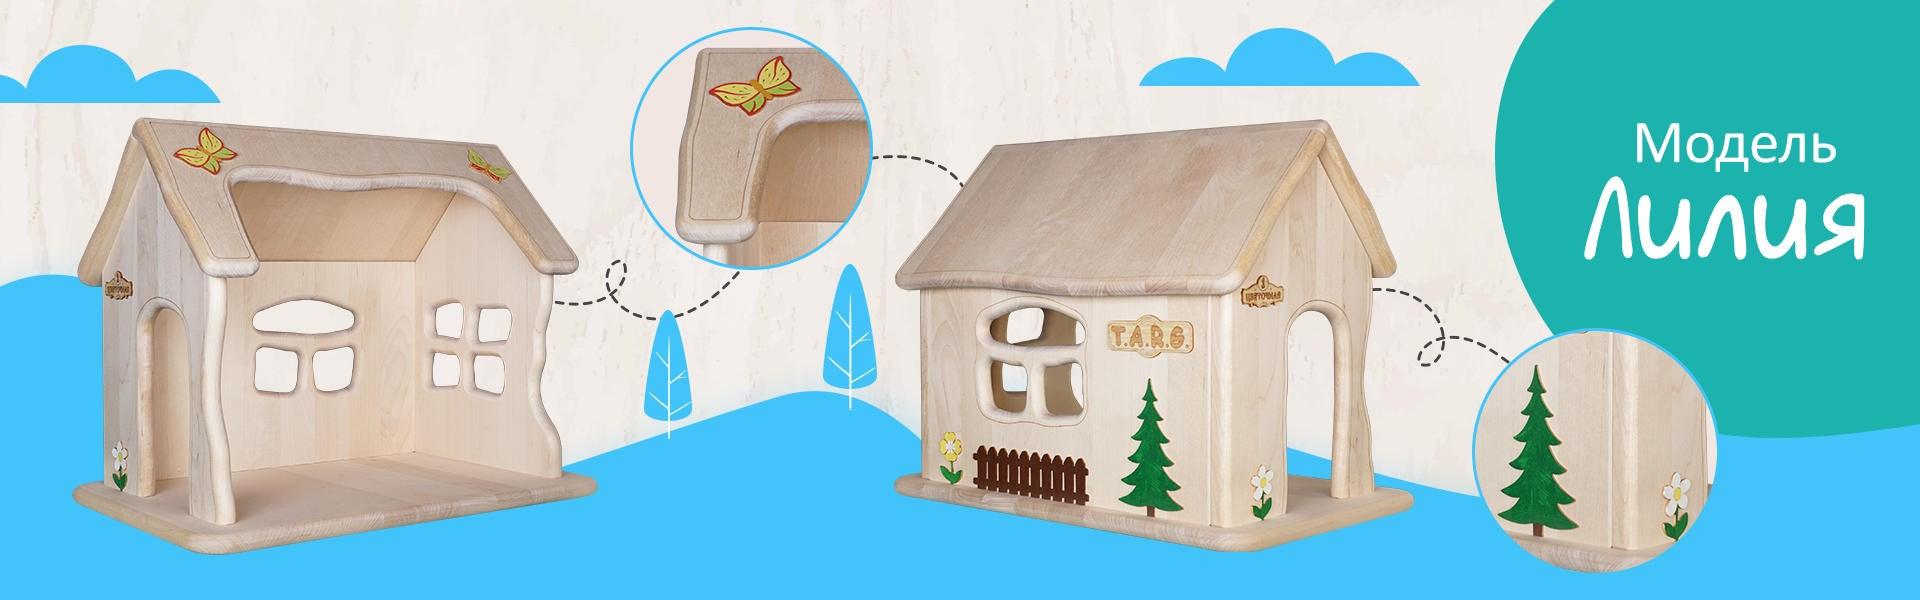 Кукольный домик ЛИЛИЯ - фото 5165